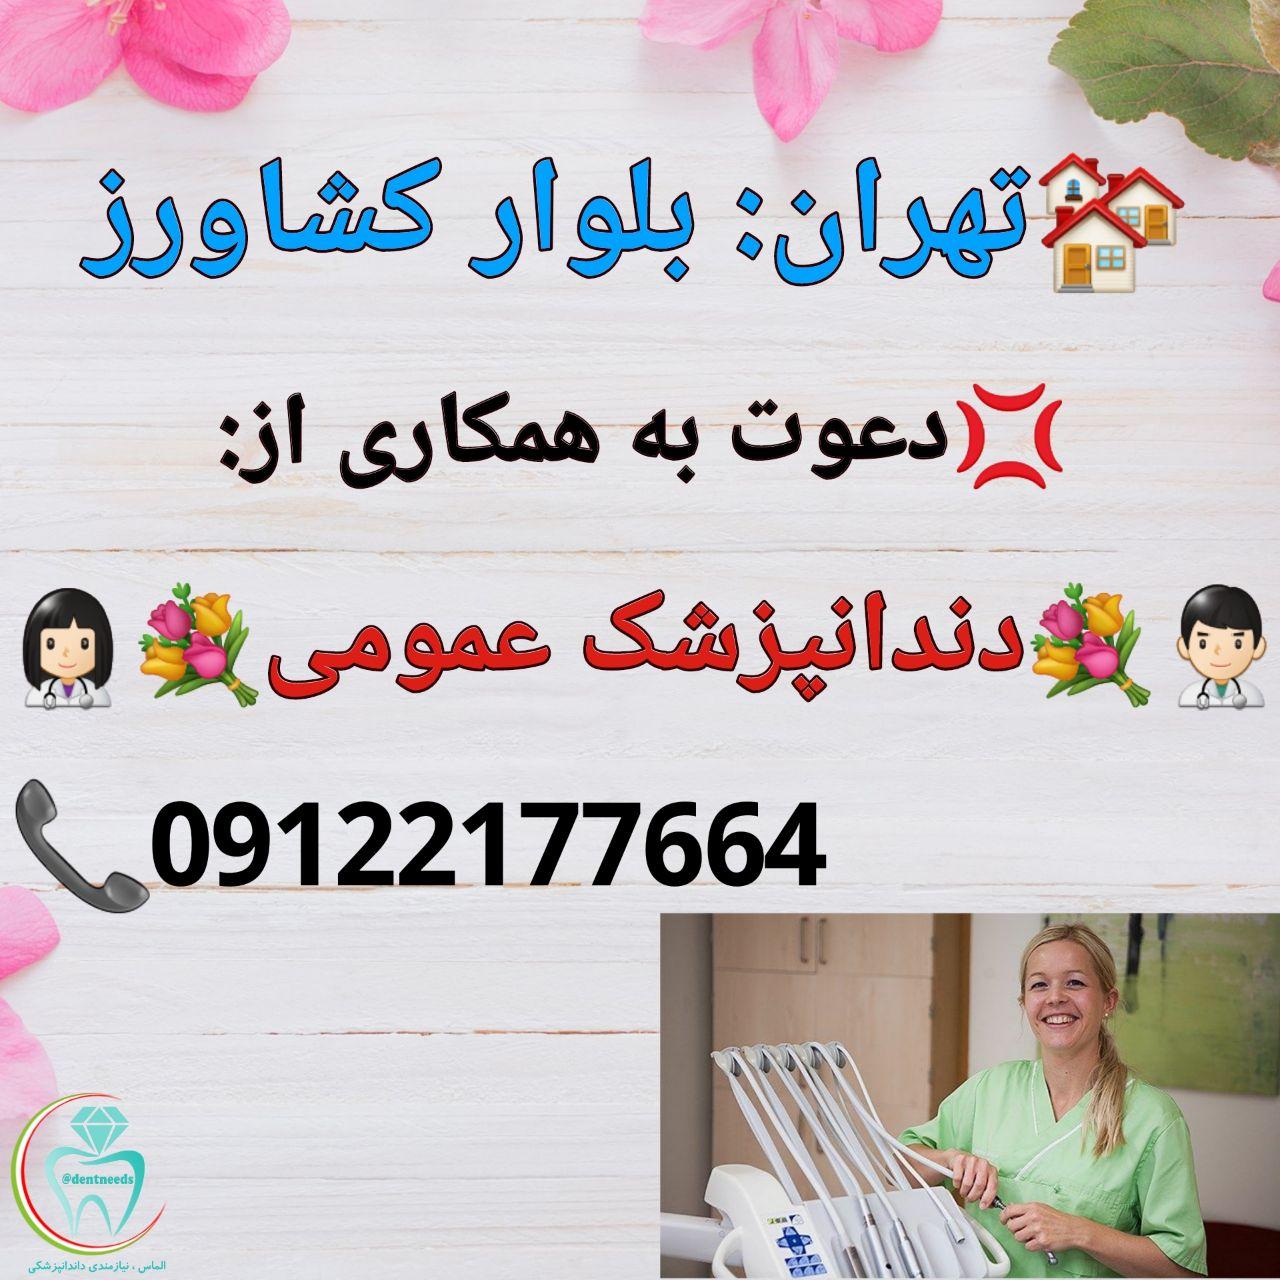 تهران: بلوار کشاورز، دعوت به همکاری از دندانپزشک عمومی